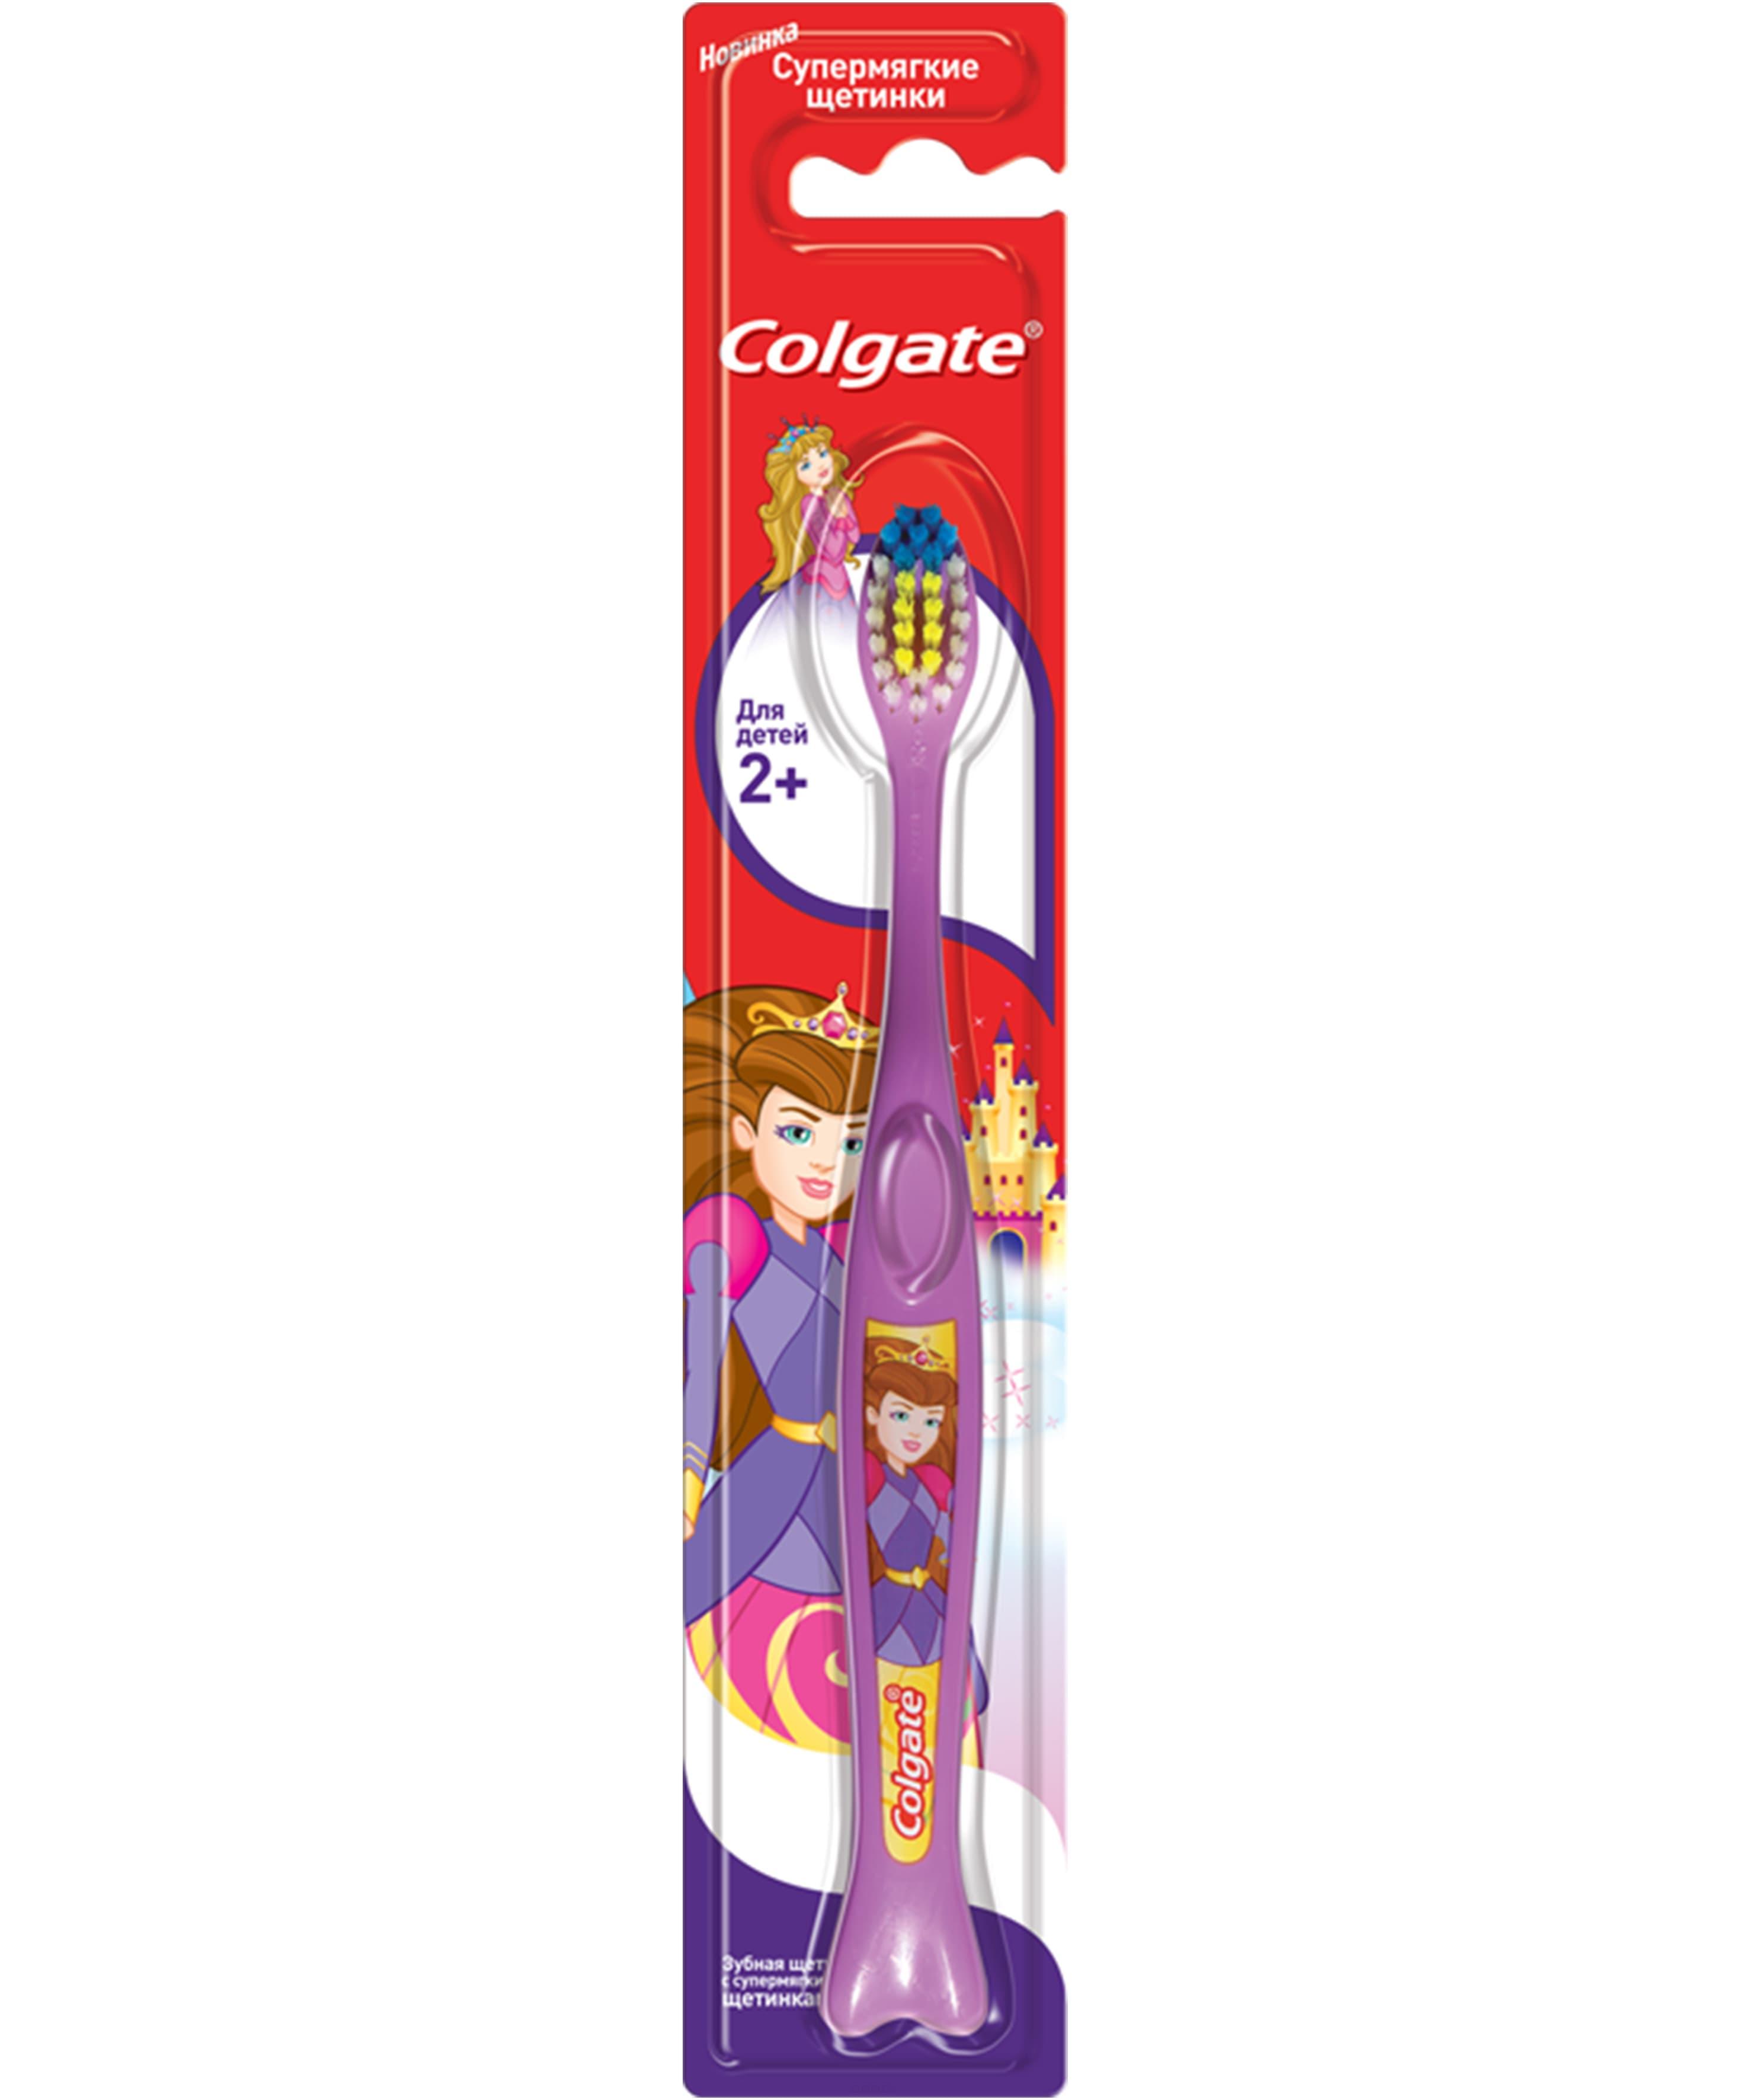 Colgate Детская зубная щетка супермягкая для детей (от 2 до 5 лет) colgate зубная щетка spiderman детская супермягкая от 2 до 5 лет цвет синий красный fcn21742